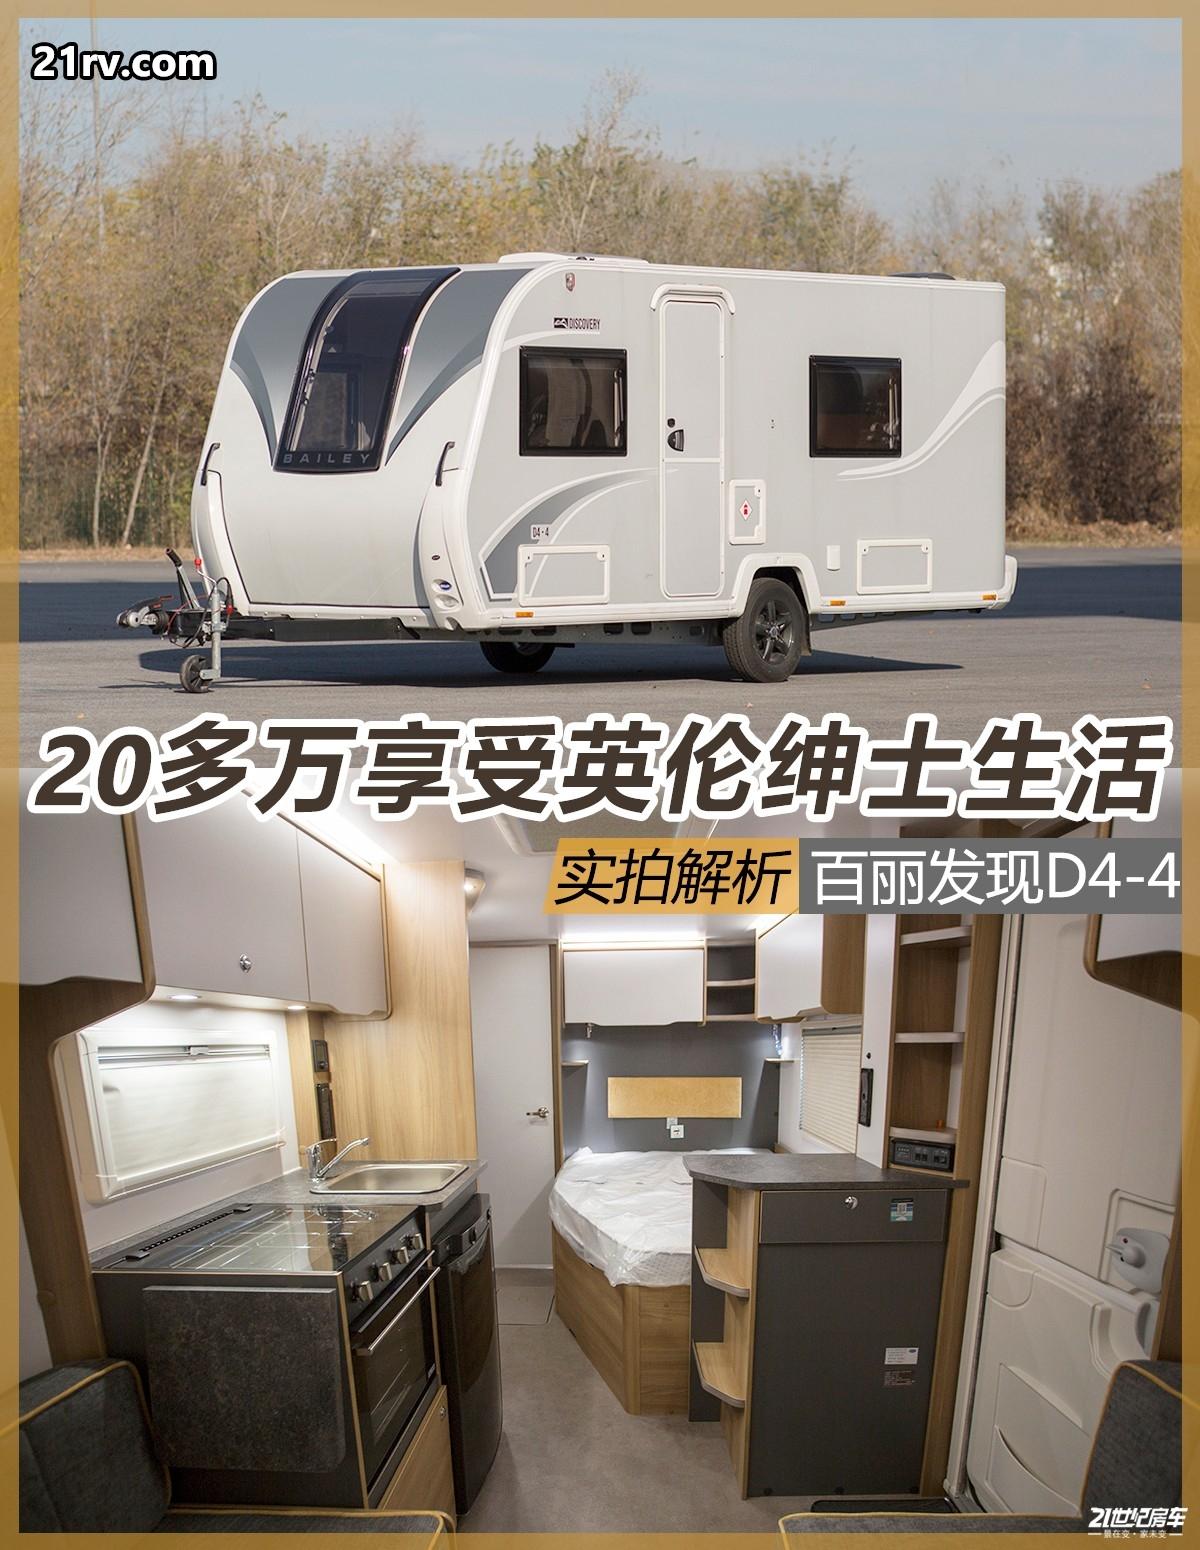 微信图片_20201202180522.jpg